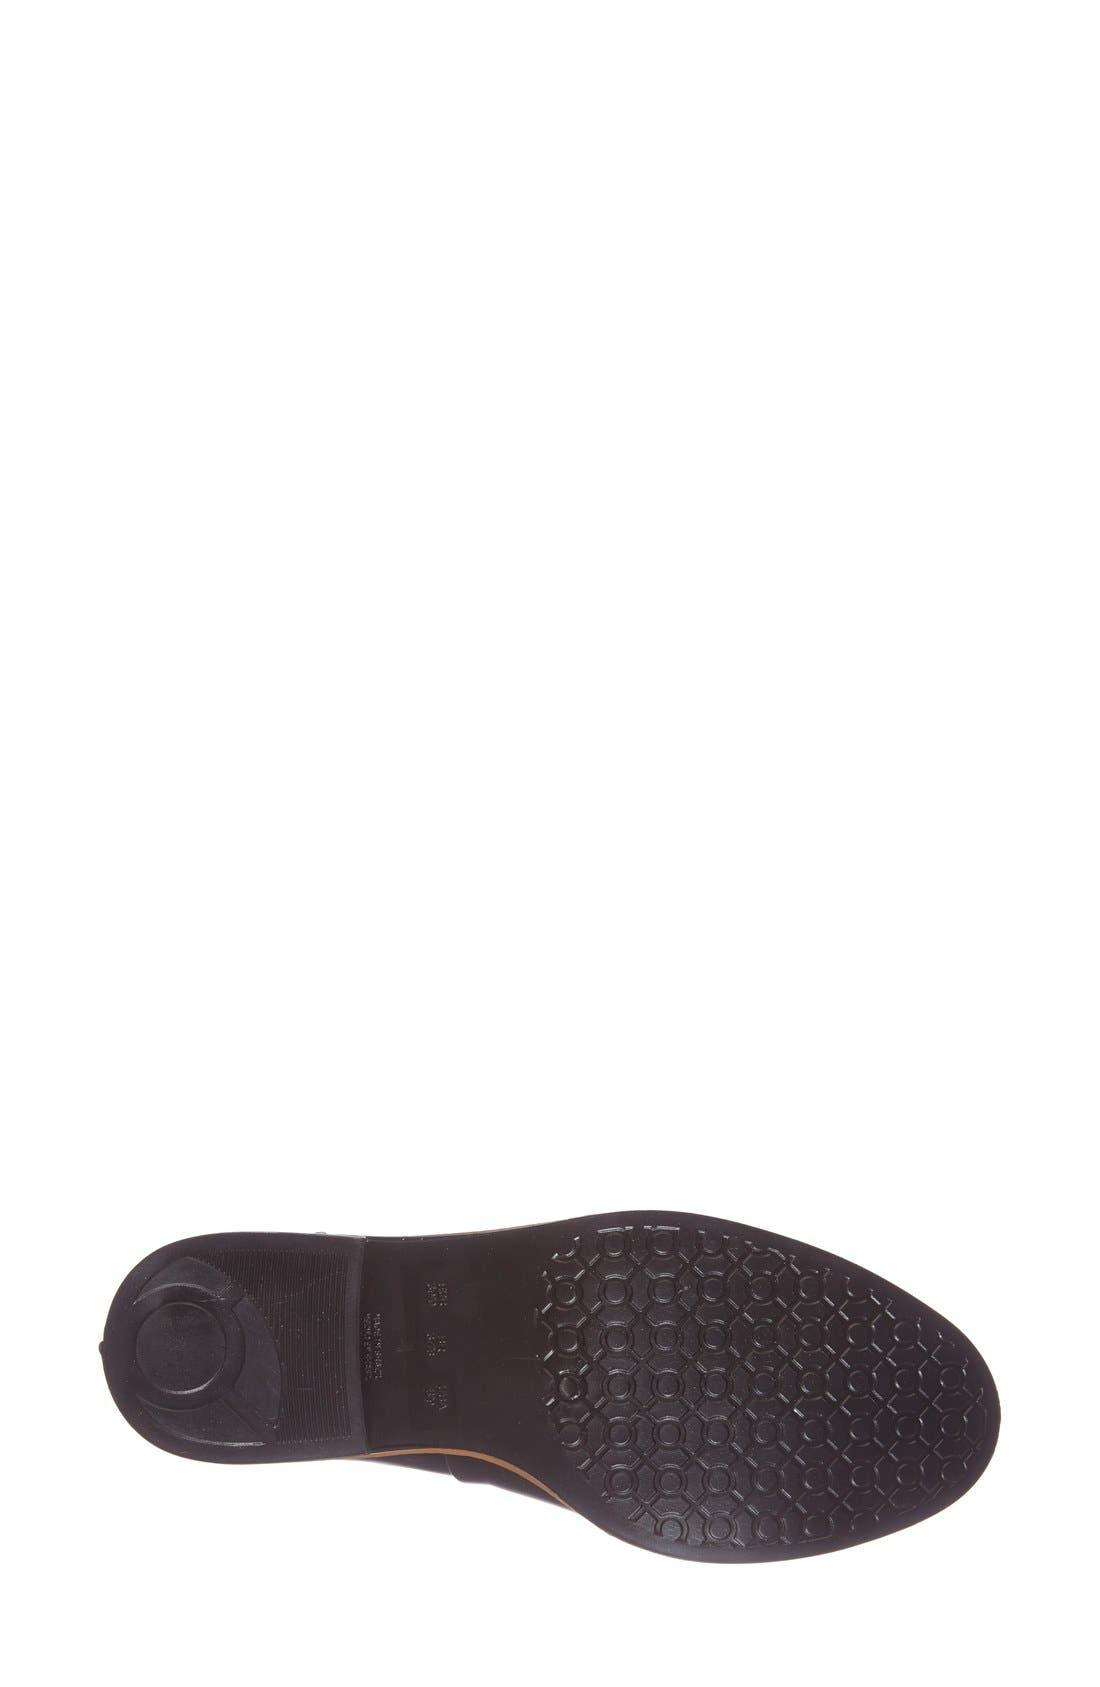 Bernardo Peony Short Waterproof Rain Boot,                             Alternate thumbnail 4, color,                             Black